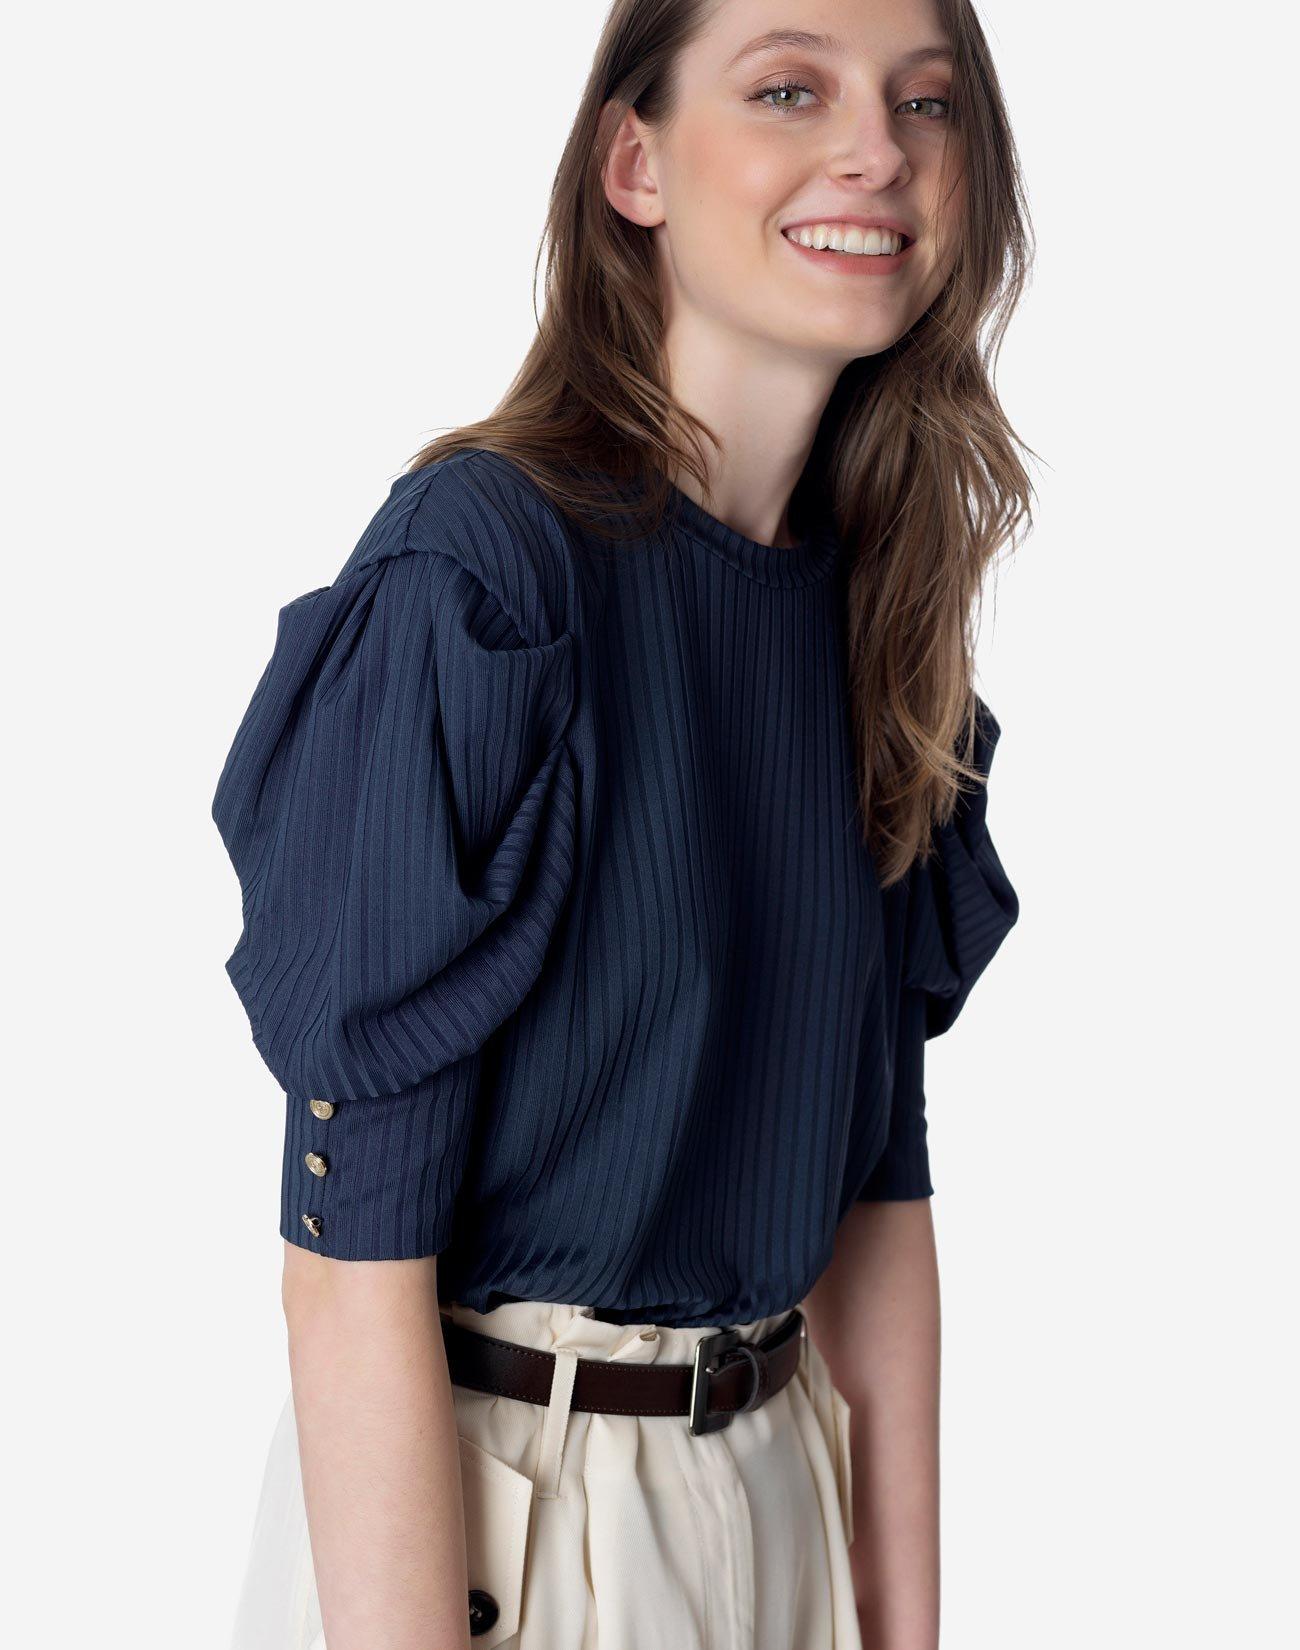 Μπλούζα με πιέτες στο μανίκι